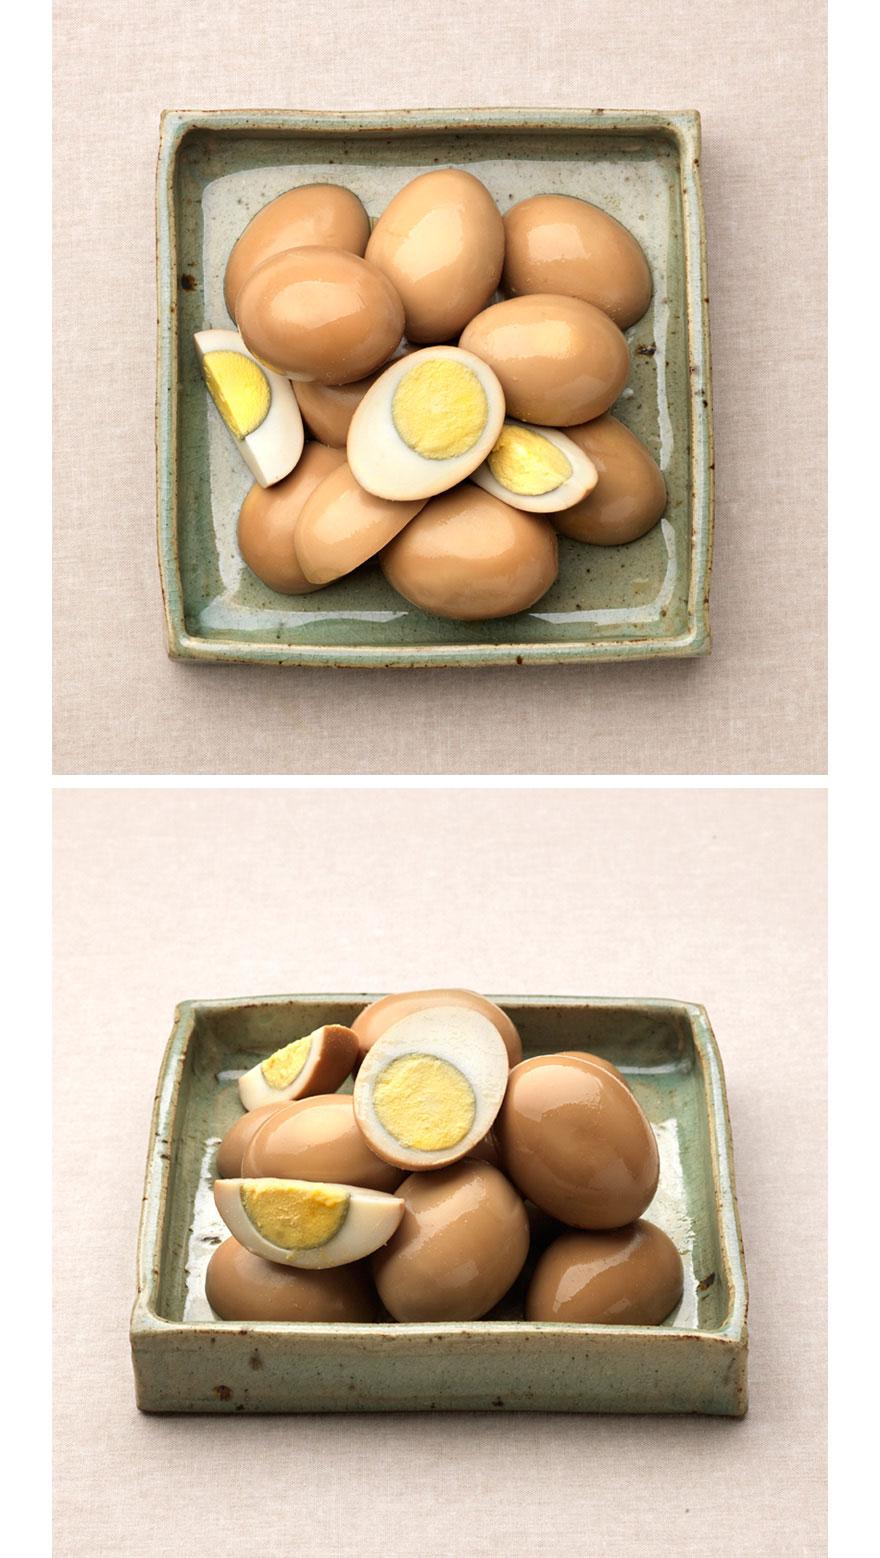 계란 간장조림 집에서 간단히 만들 수 있겠다는 생각에 여러 번 도전했지만 실패한 계란 간장조림. 계란을 삶고, 황금비율의 집반찬연구소 간장소스에 졸이는 과정이 생각보다 까다롭고 오래 걸리더라구요. 계란 겉부분 뿐만 아니라 속까지 양념이 스며들어 밥과 먹기 딱 좋게 만들었어요.